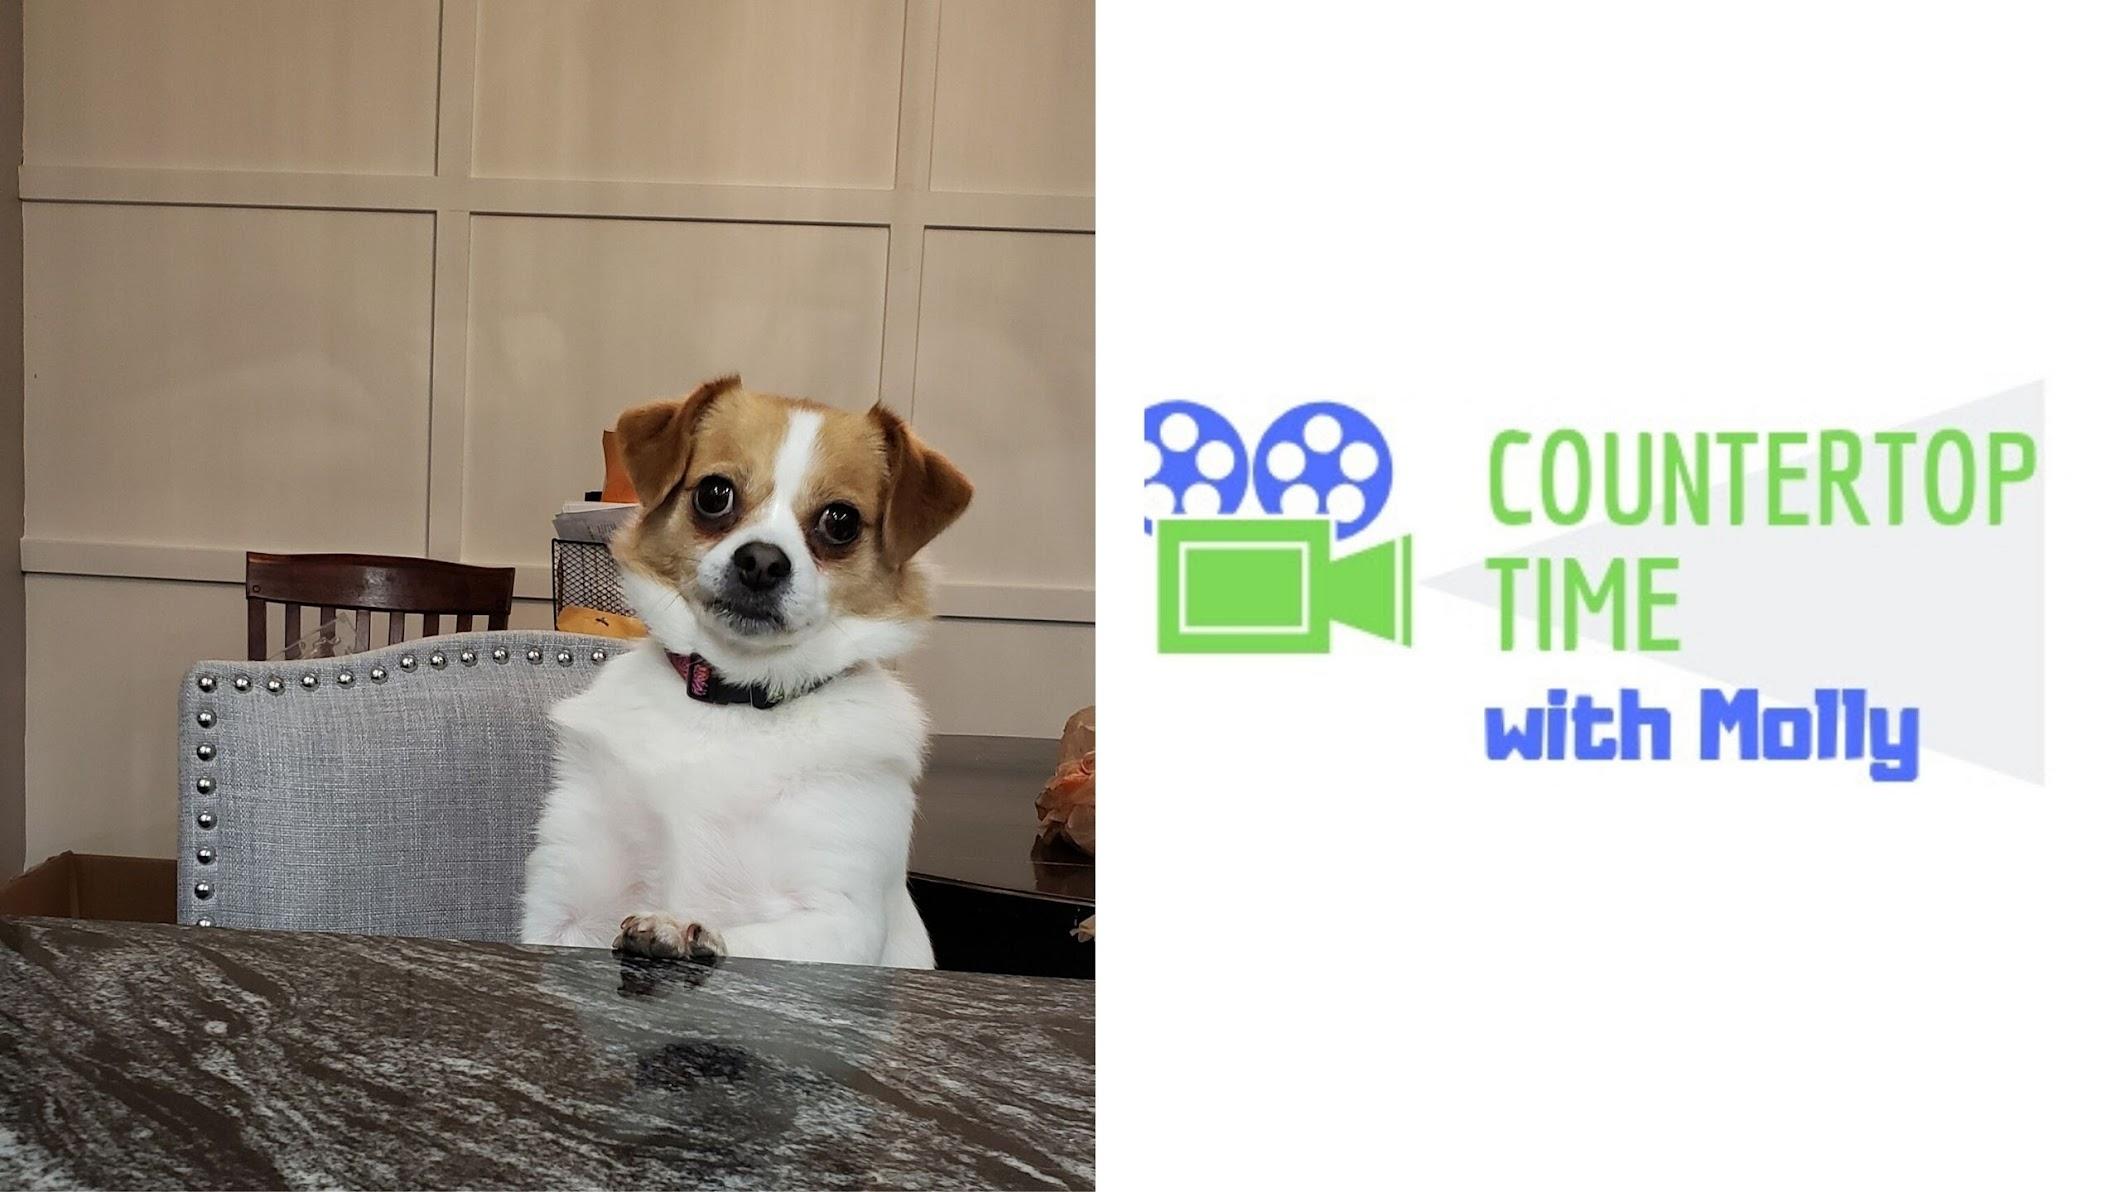 Countertop Time